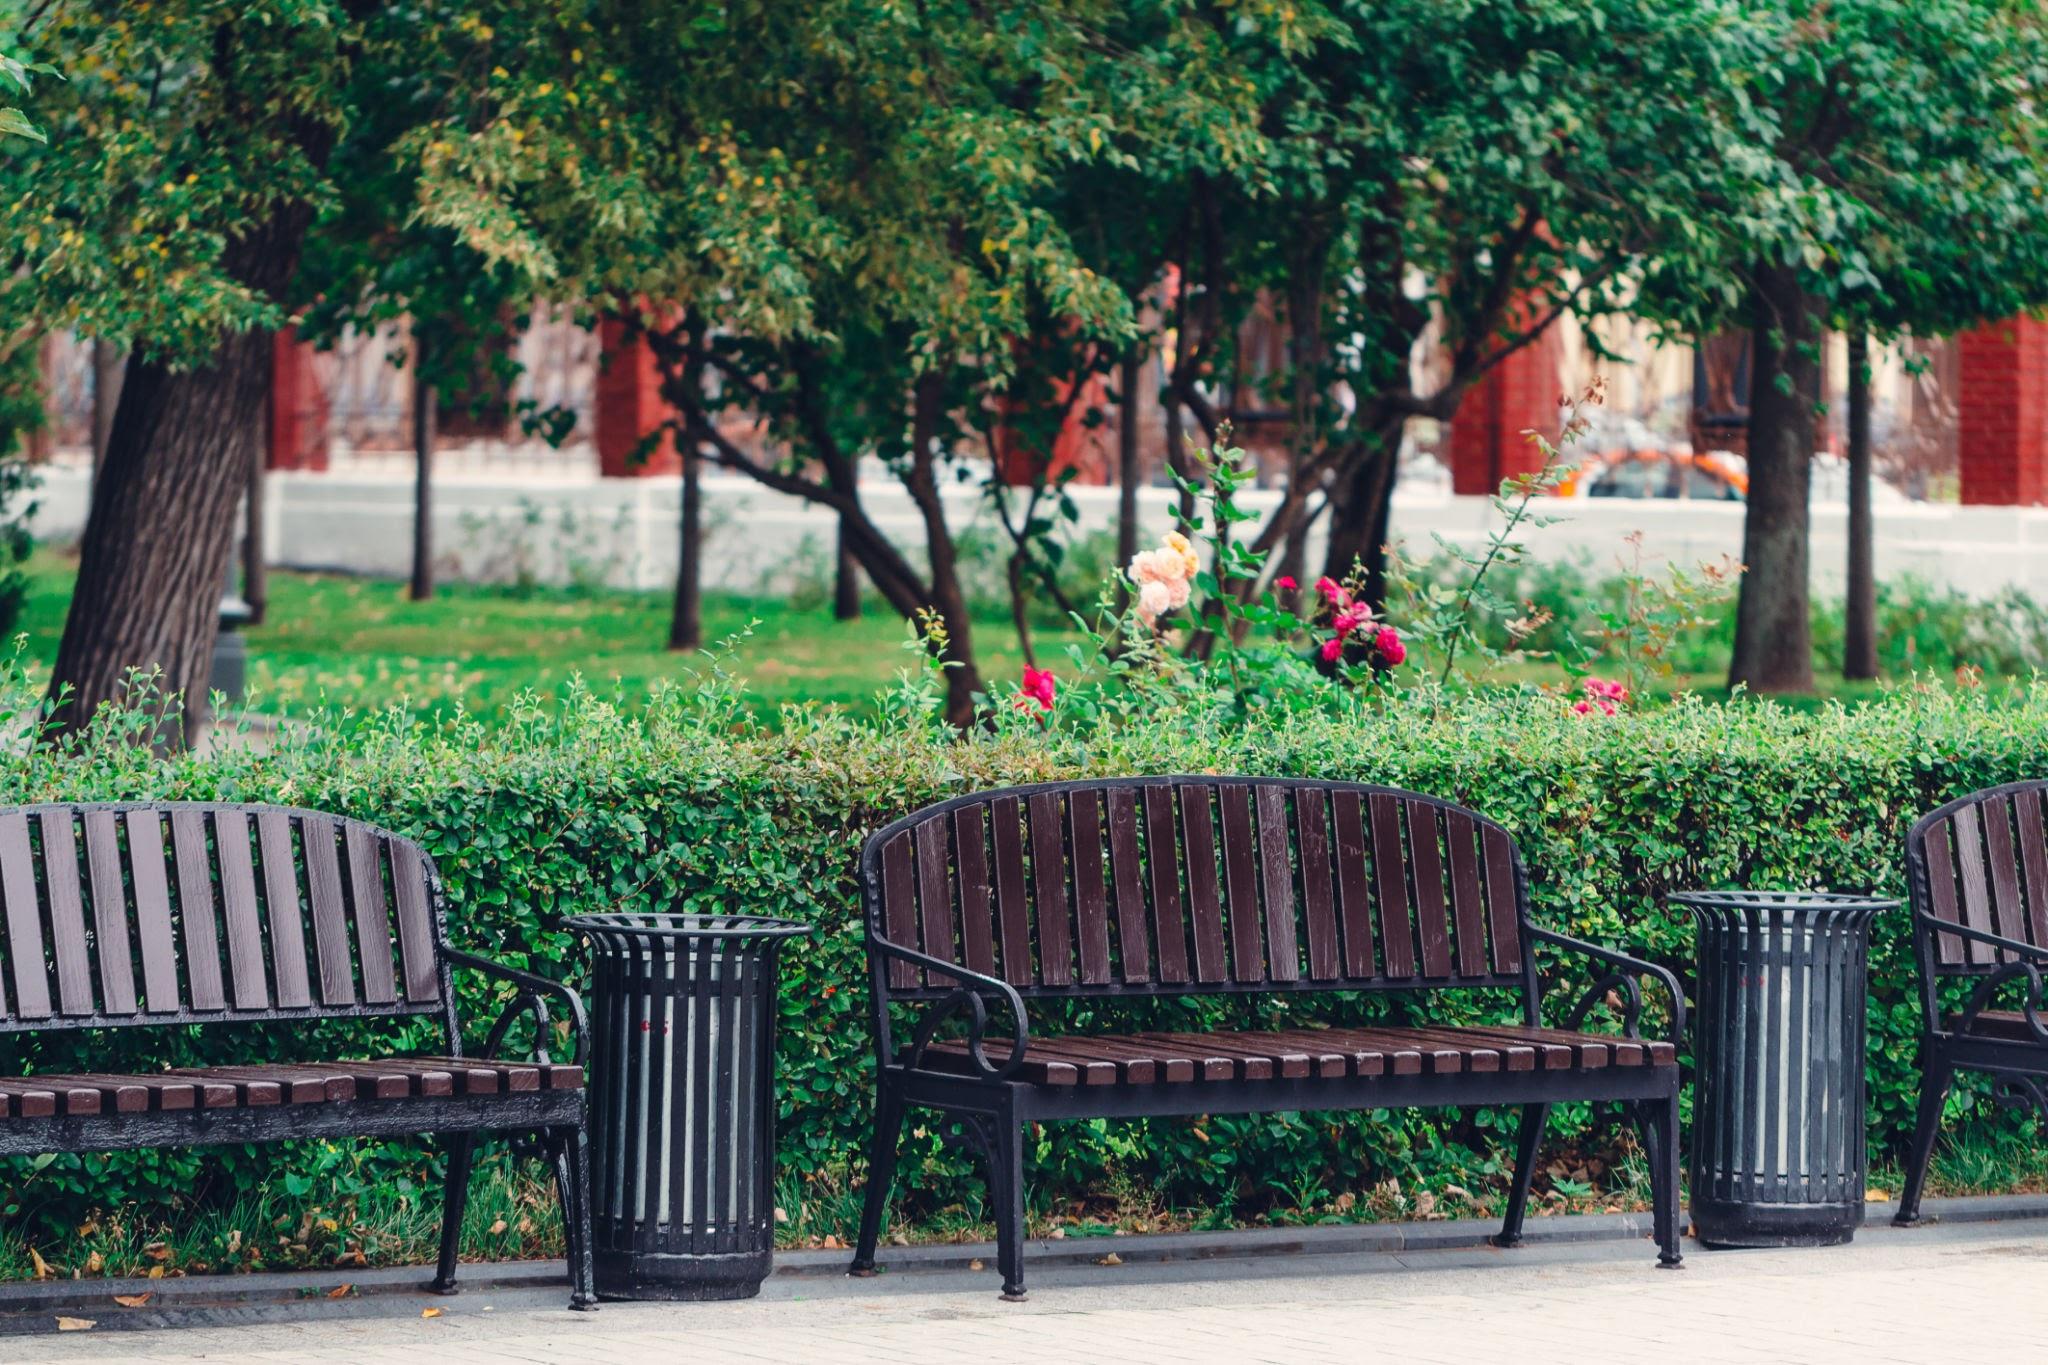 Ermitazh Garden